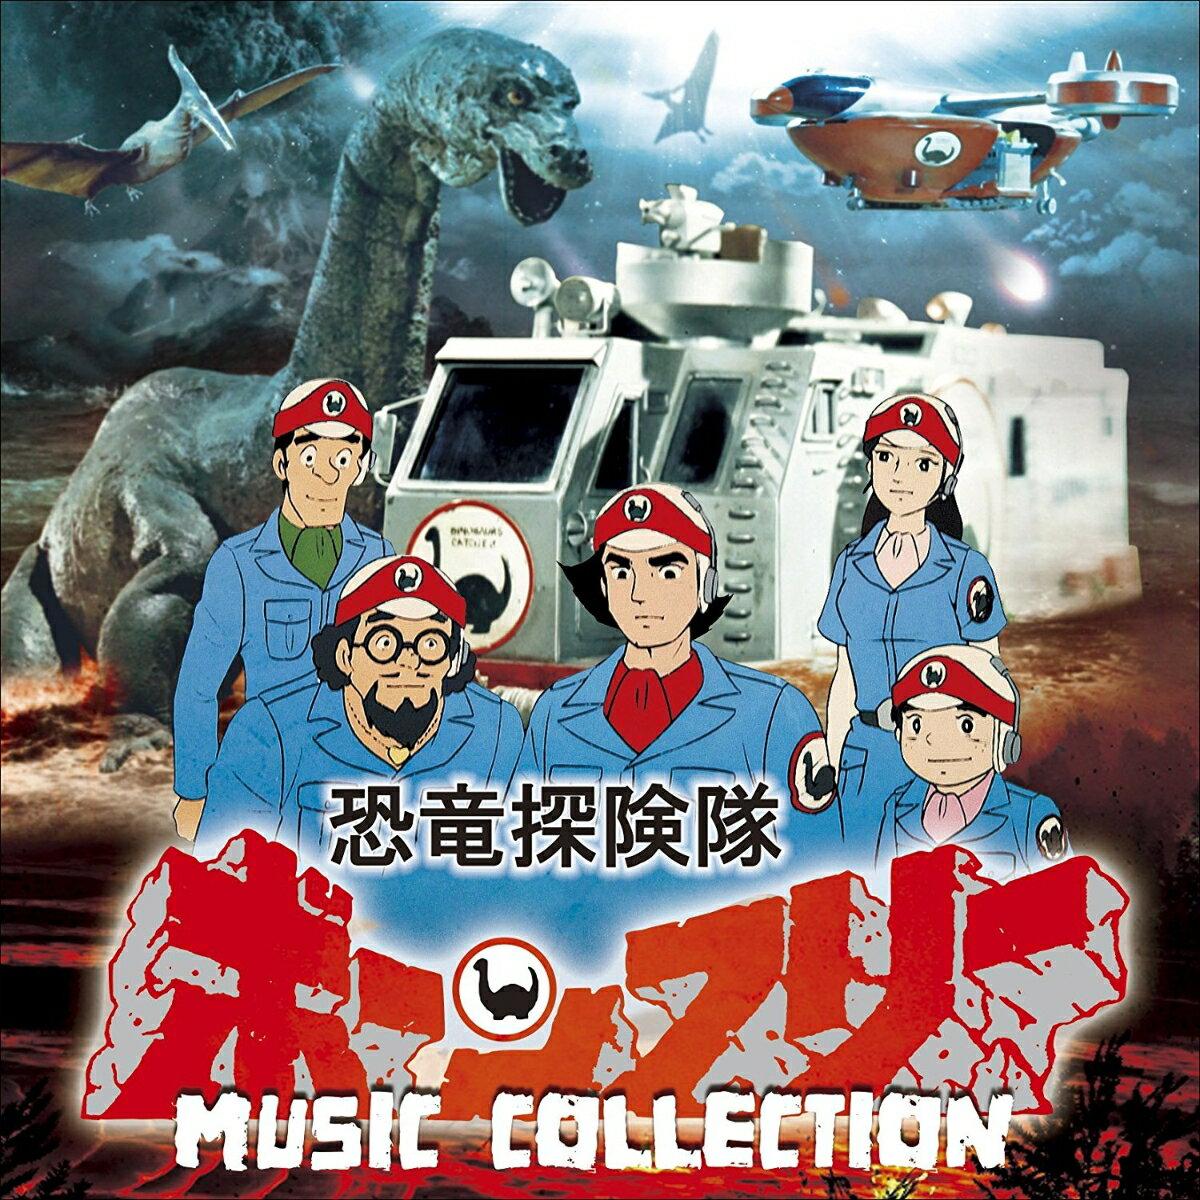 恐竜探検隊ボーンフリー MUSIC COLLECTION画像